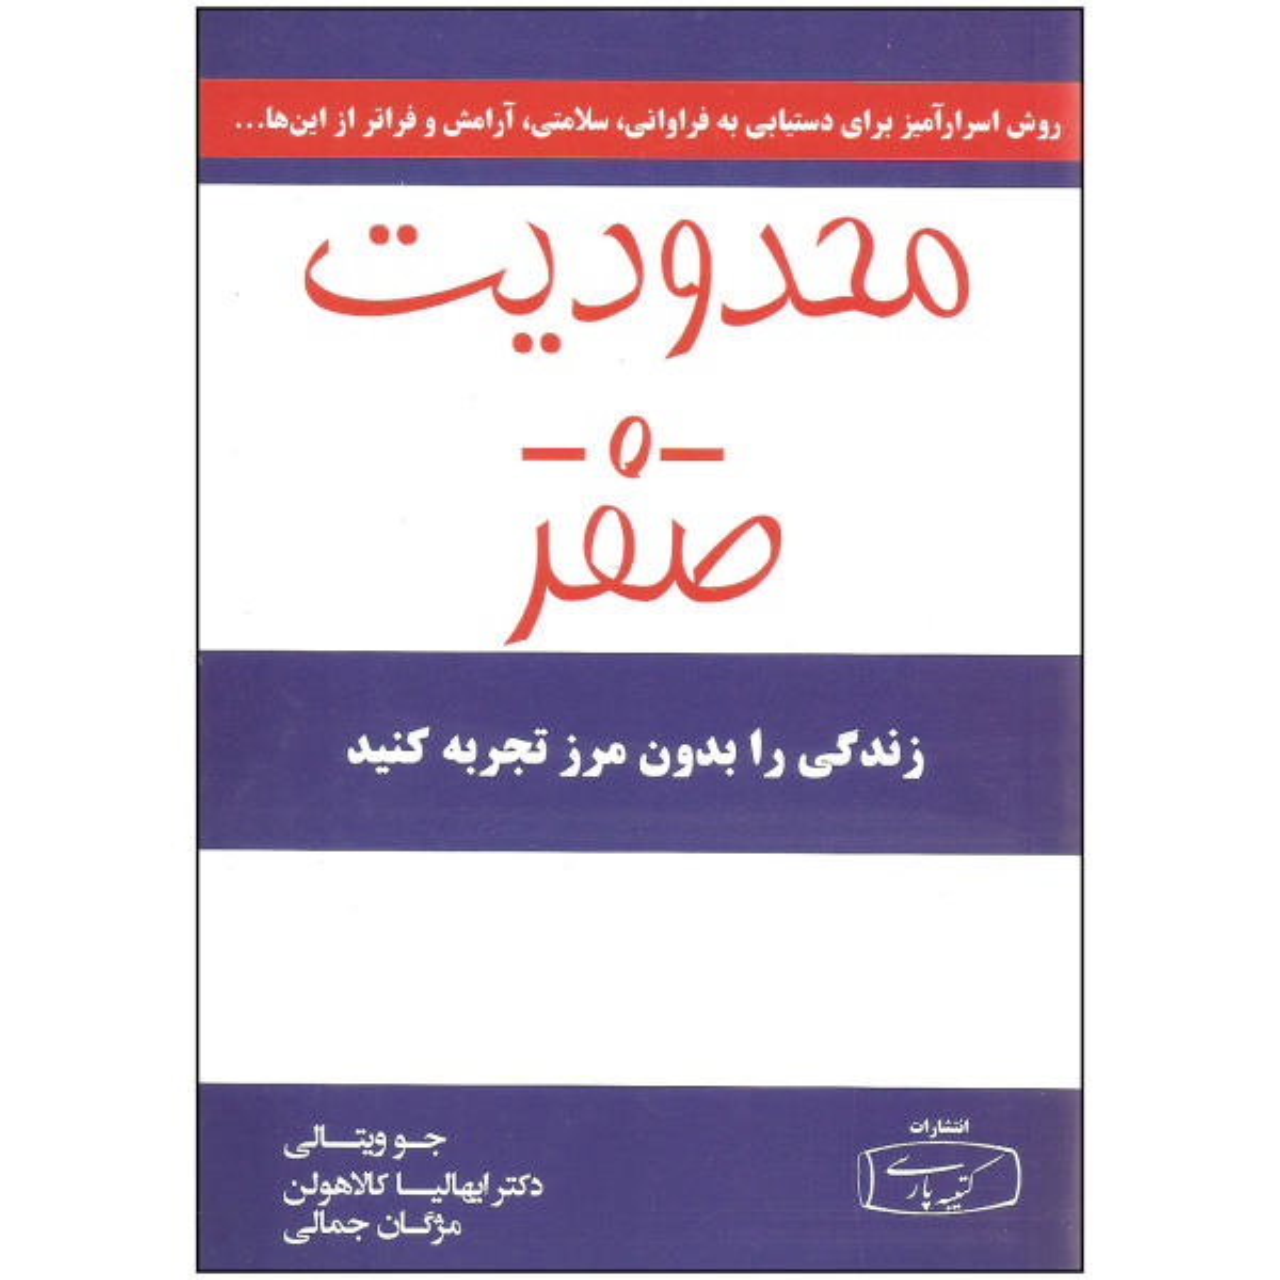 کتاب محدودیت صفر اثر جو ویتالی و ایهالیا کالاهولن انتشارات کتیبه پارسی